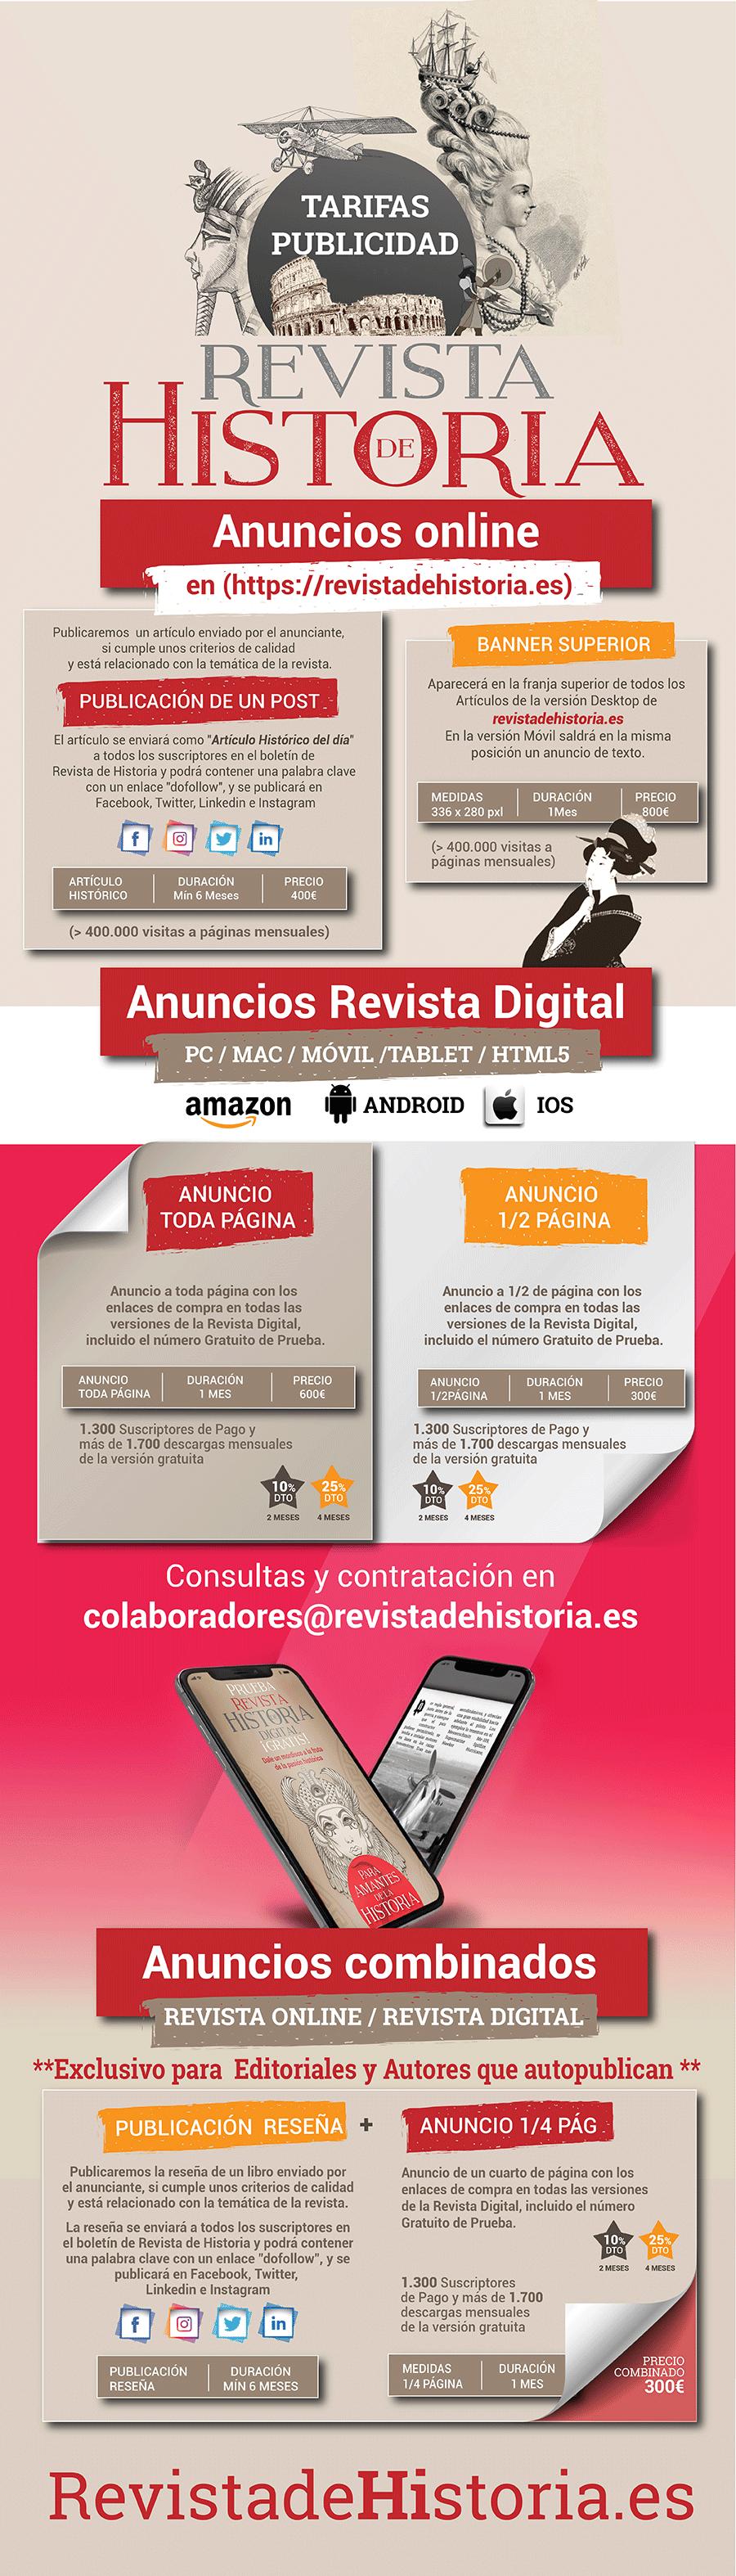 Tarifas de Publicidad Revista de Historia